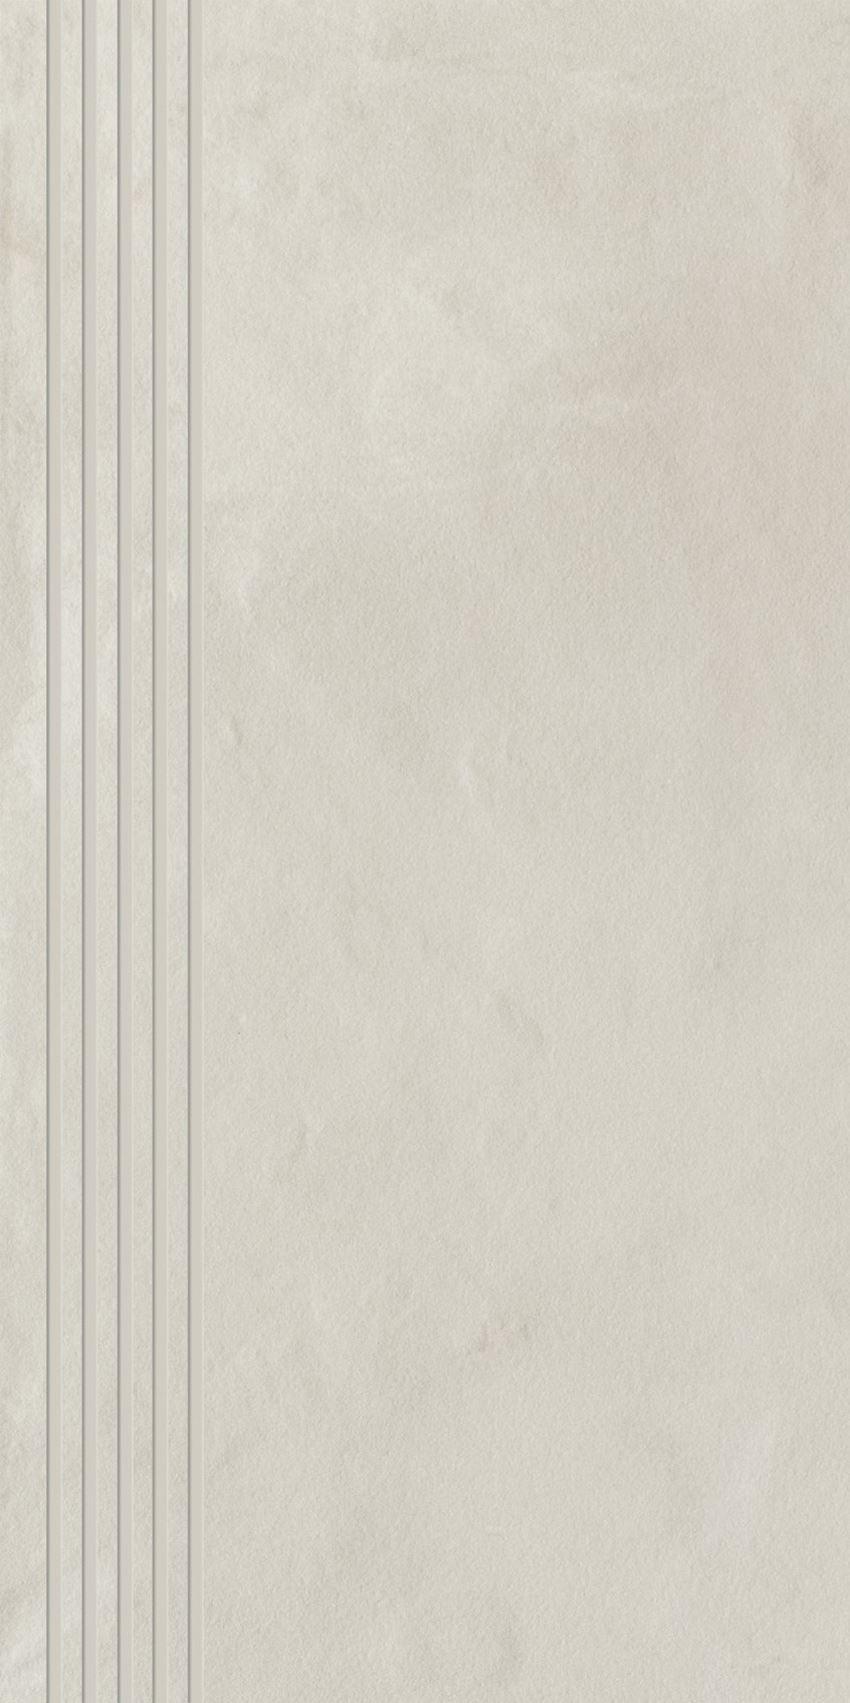 Płytka stopnicowa 29,8x59,8 cm Paradyż Tigua Bianco Stopnica Prosta Nacinana Mat